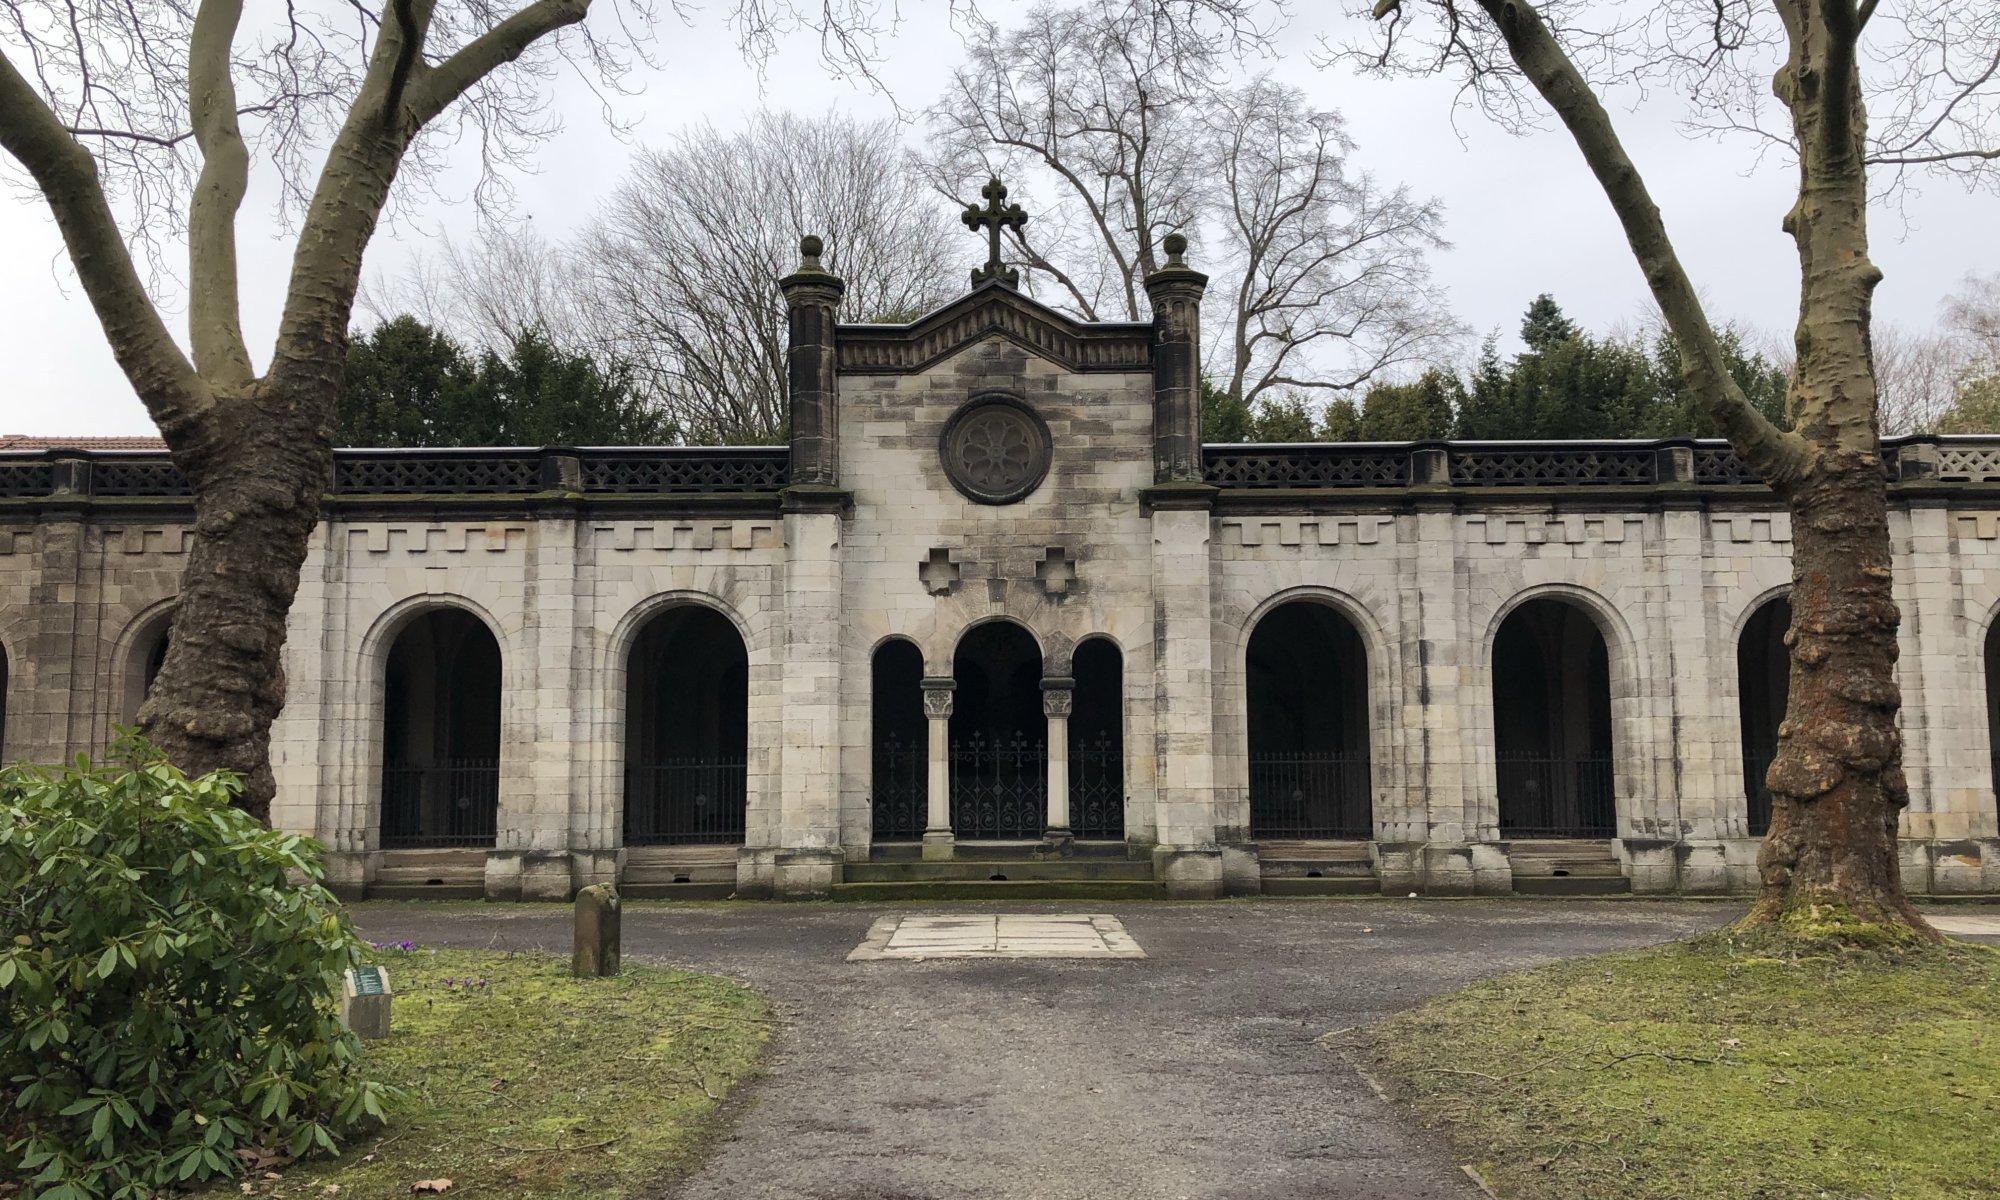 Hauptfriedhof, Kassel